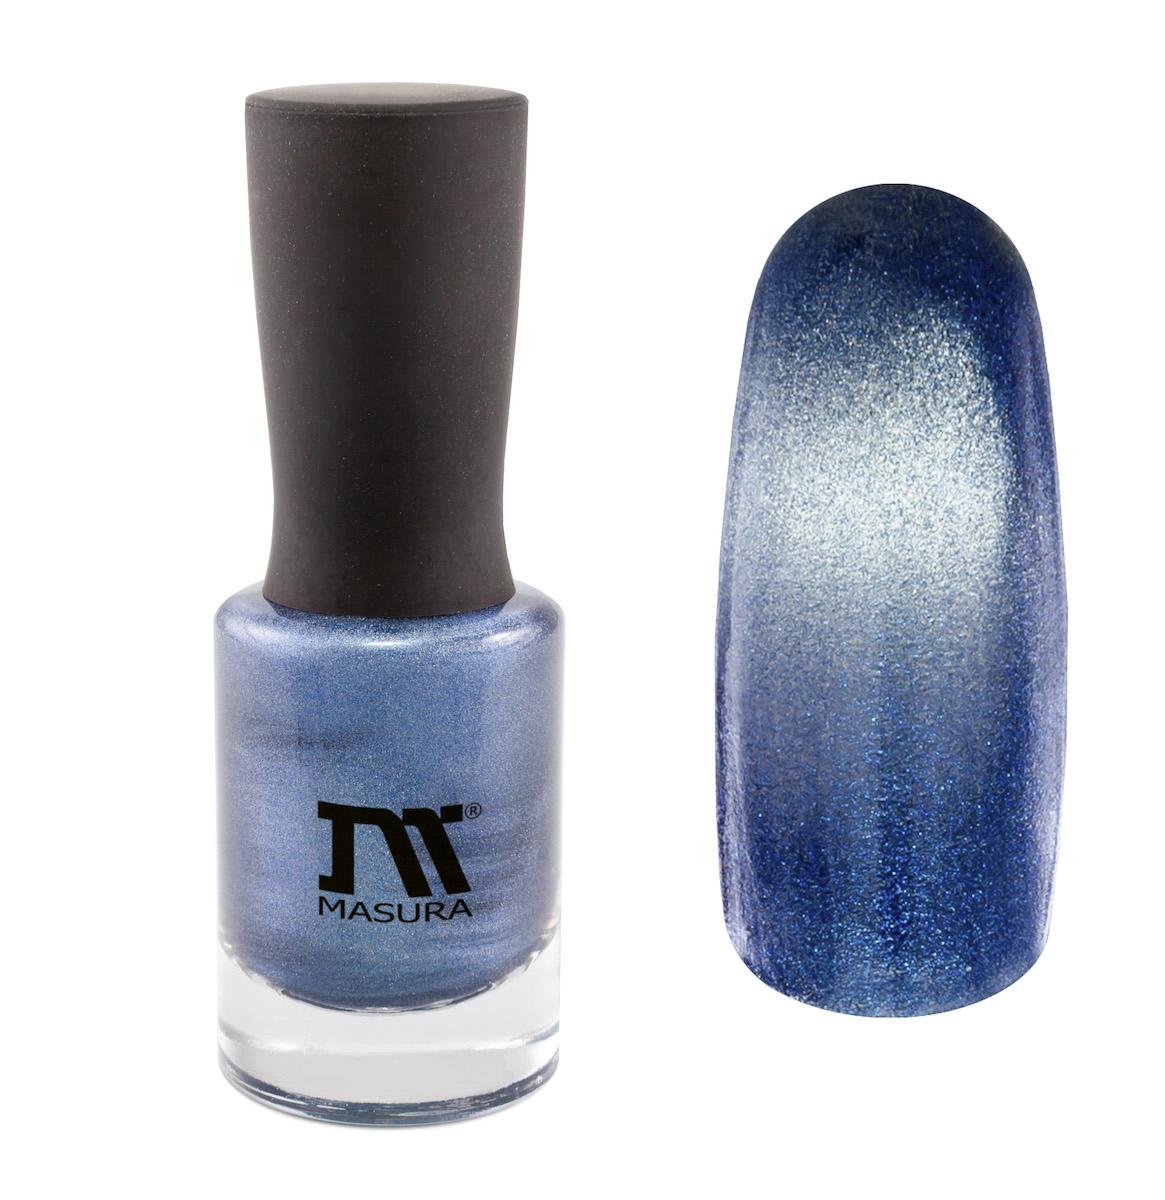 Masura Лак для ногтей Звездный Аквамарин, 11 мл1301210насыщенный дымчато-синий, с серебристым подтоном, плотный